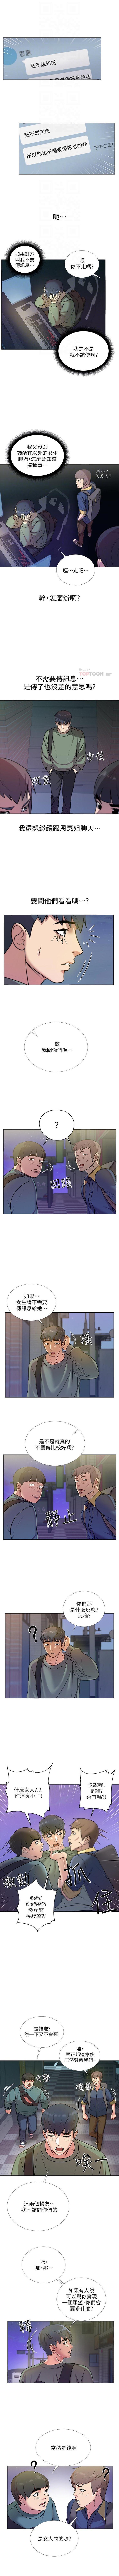 (週3)超市的漂亮姐姐 1-18 中文翻譯(更新中) 50